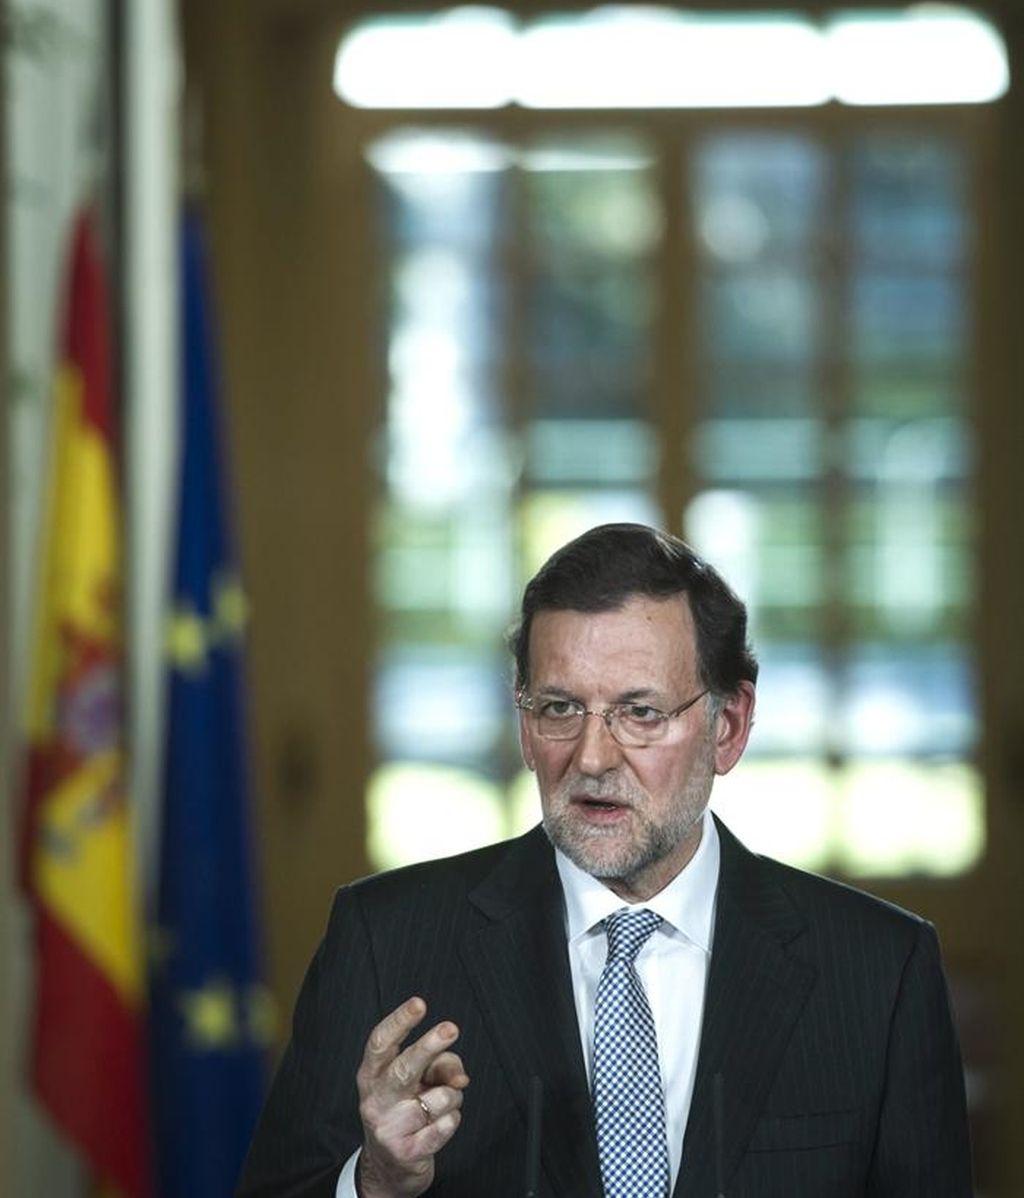 Mariano Rajoy hace resumen de un año de protestas y recortes